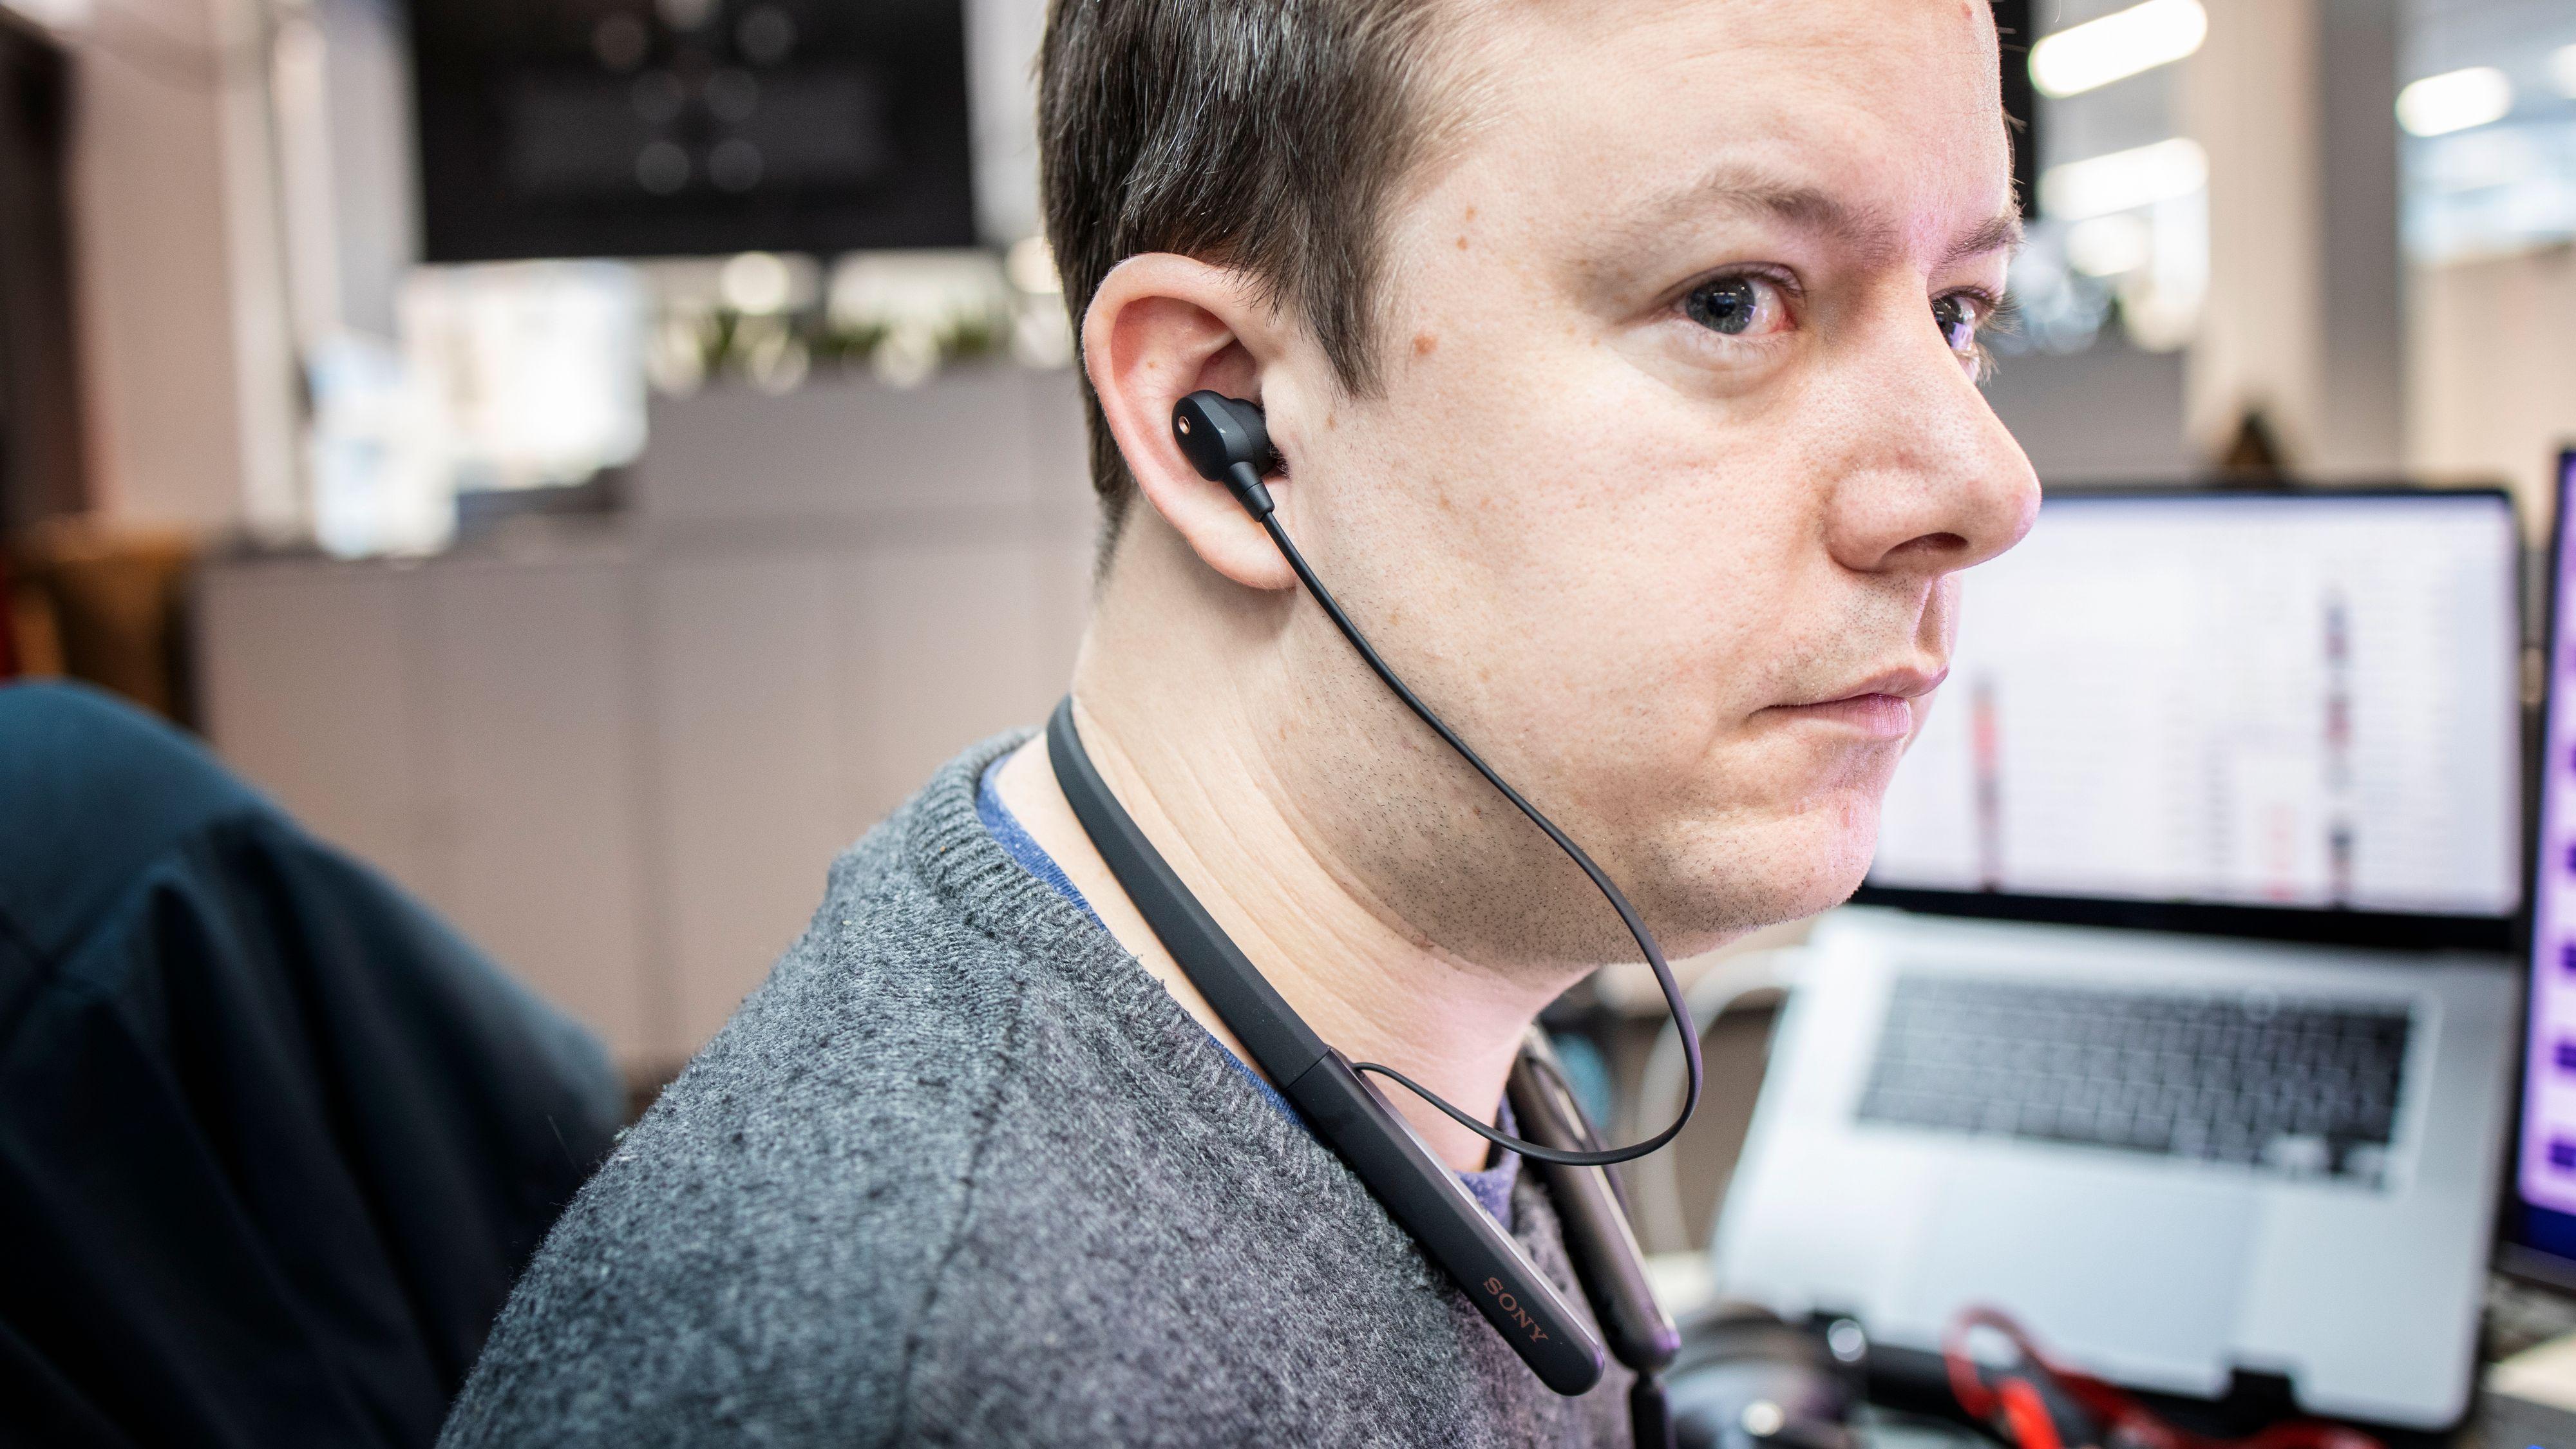 Nakkebøyle-formen føles kanskje litt gammeldags i 2020. Sony har imidlertid dyttet inn alt de har av teknologi i WI-1000XM2, her modellert av nyhetssjef Niklas.